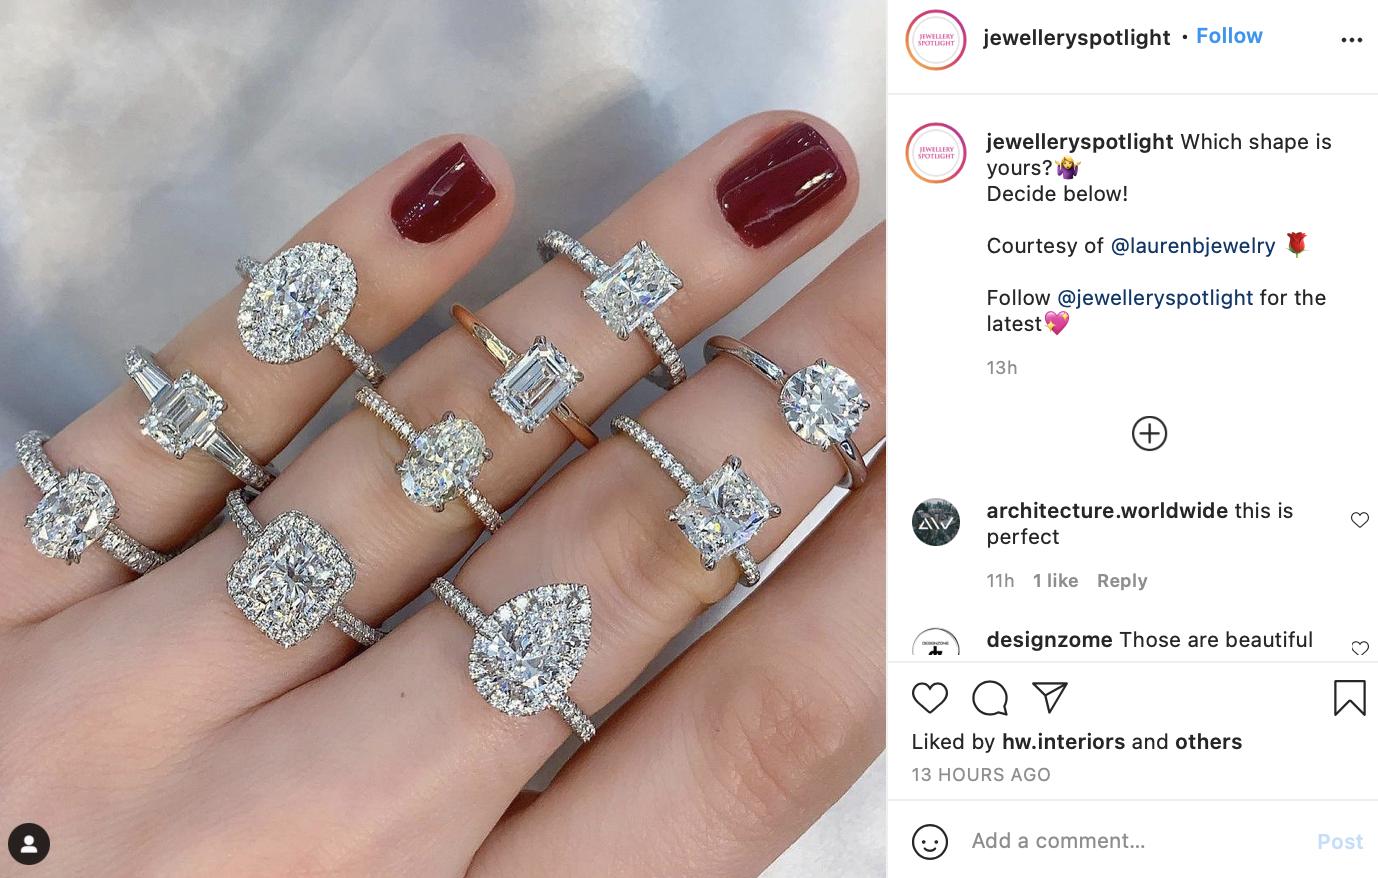 Instagram post of several diamond rings